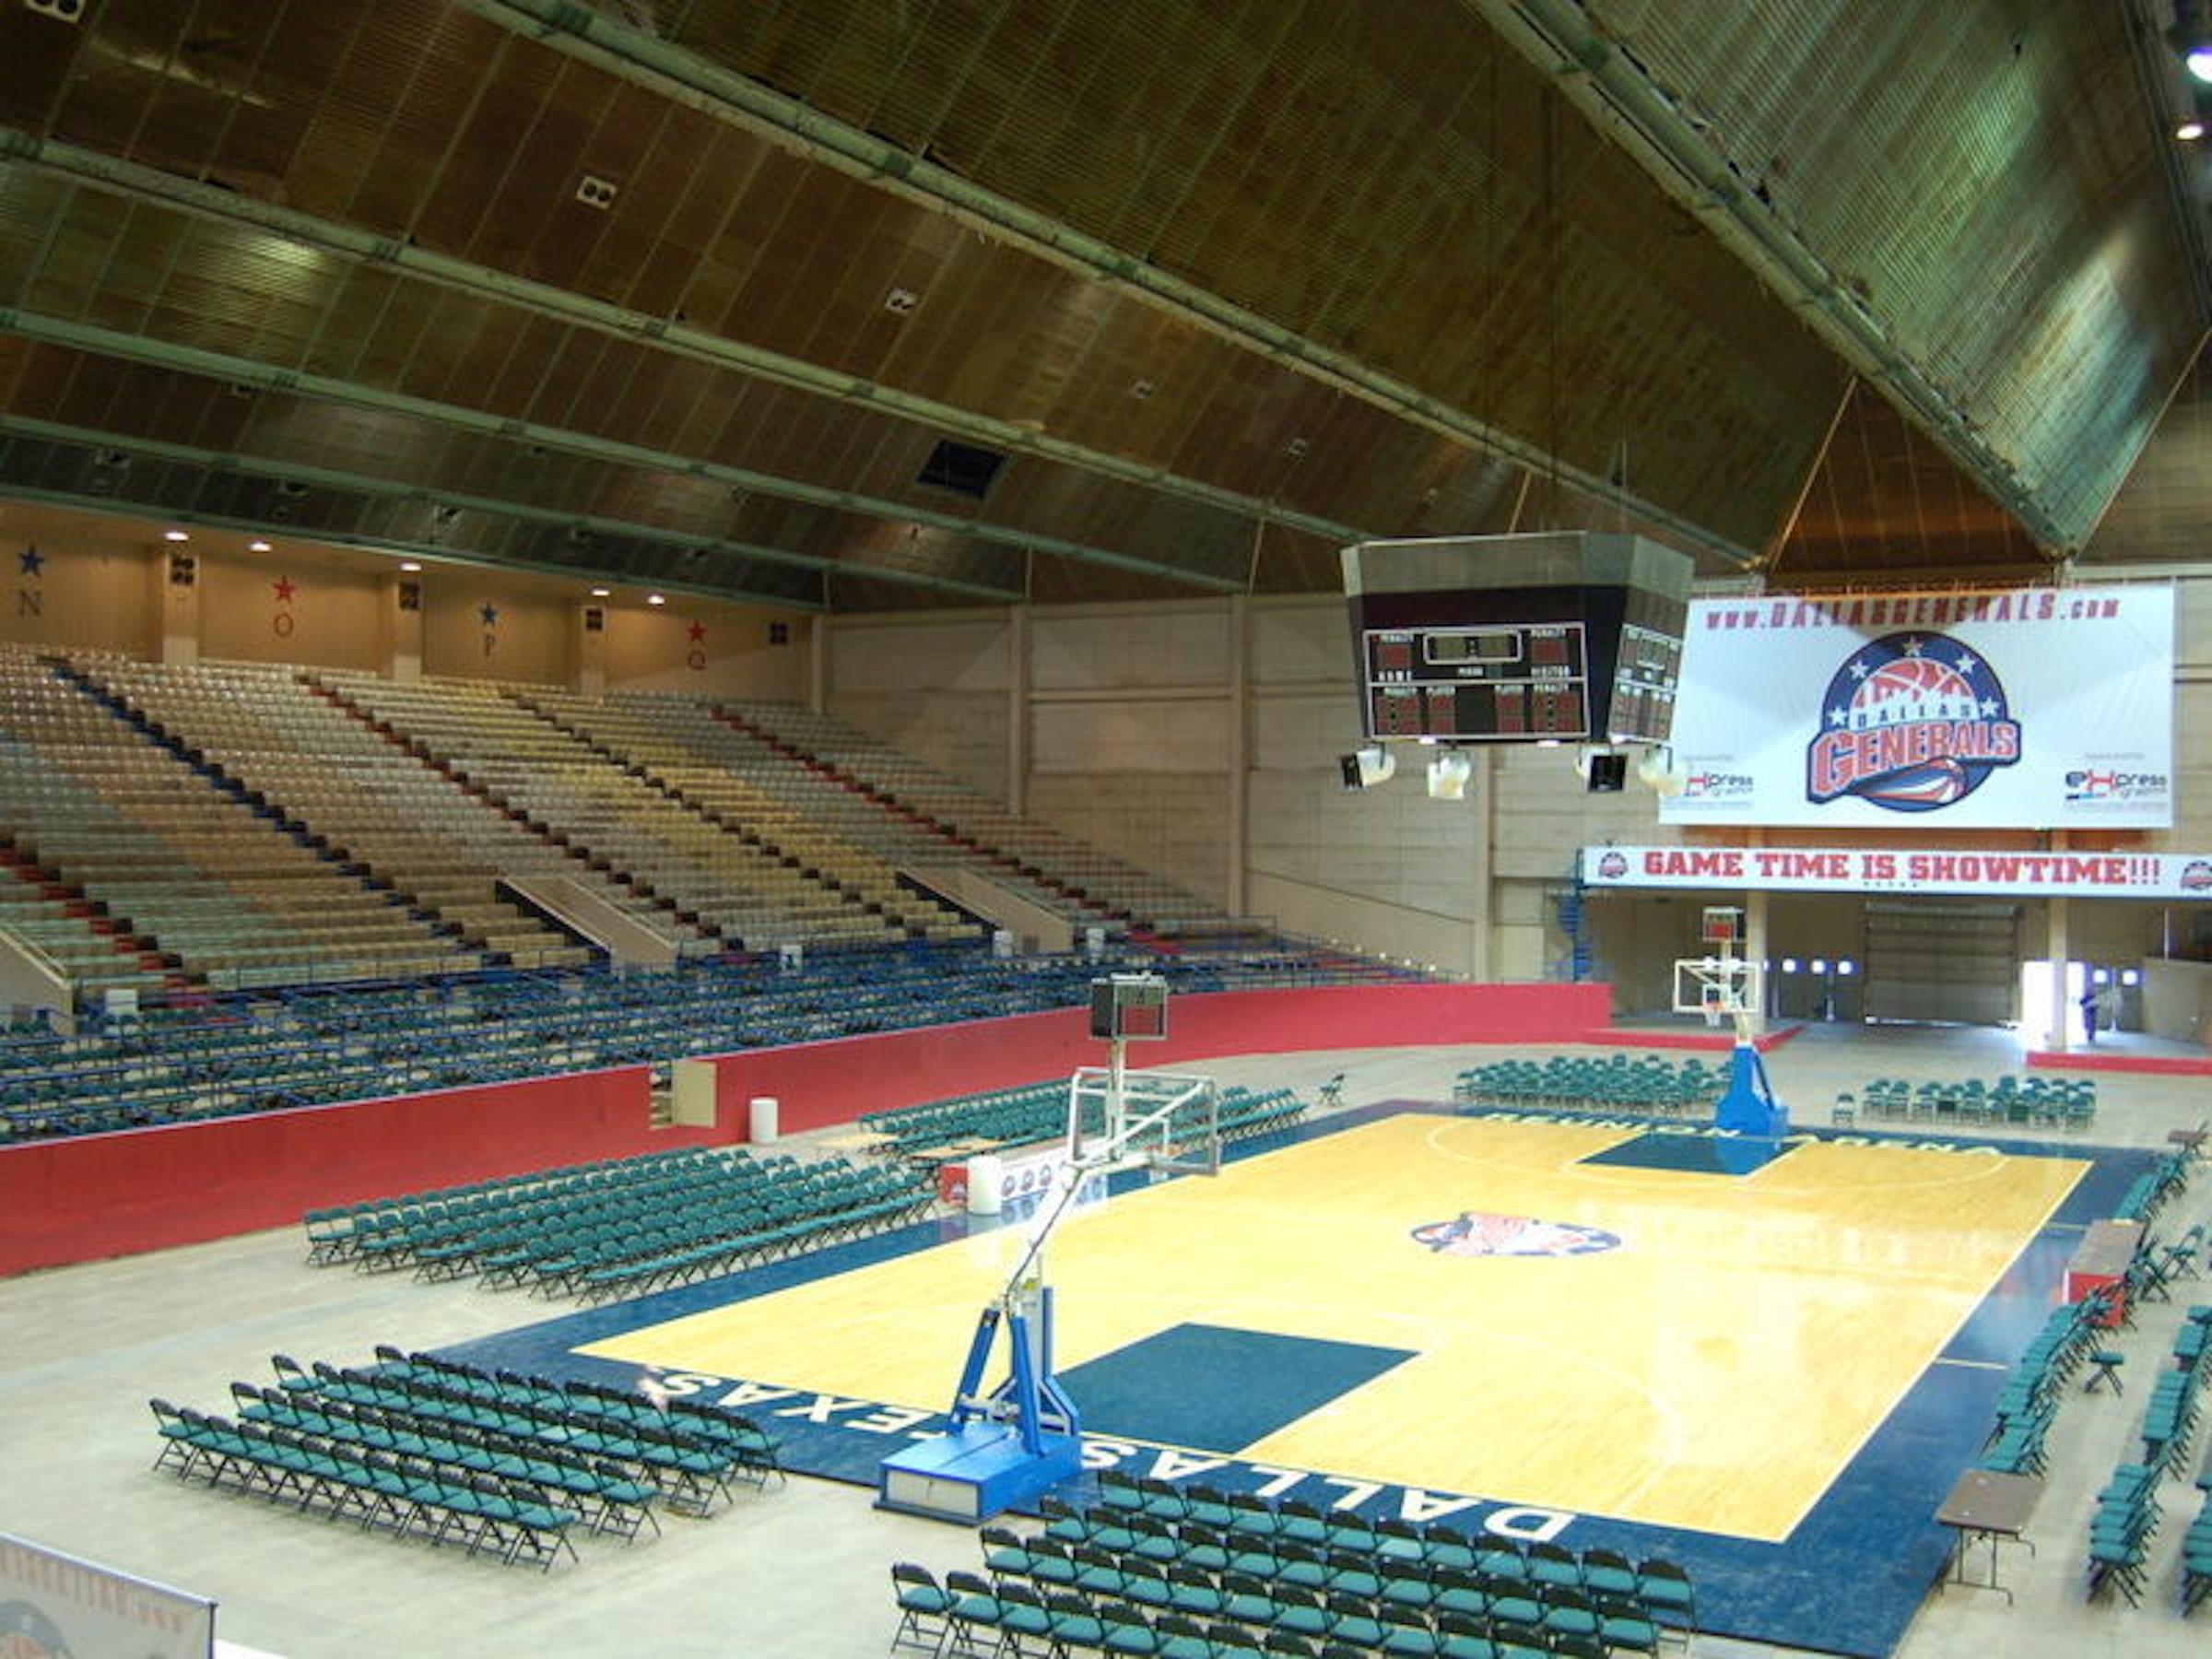 Fair Park Coliseum